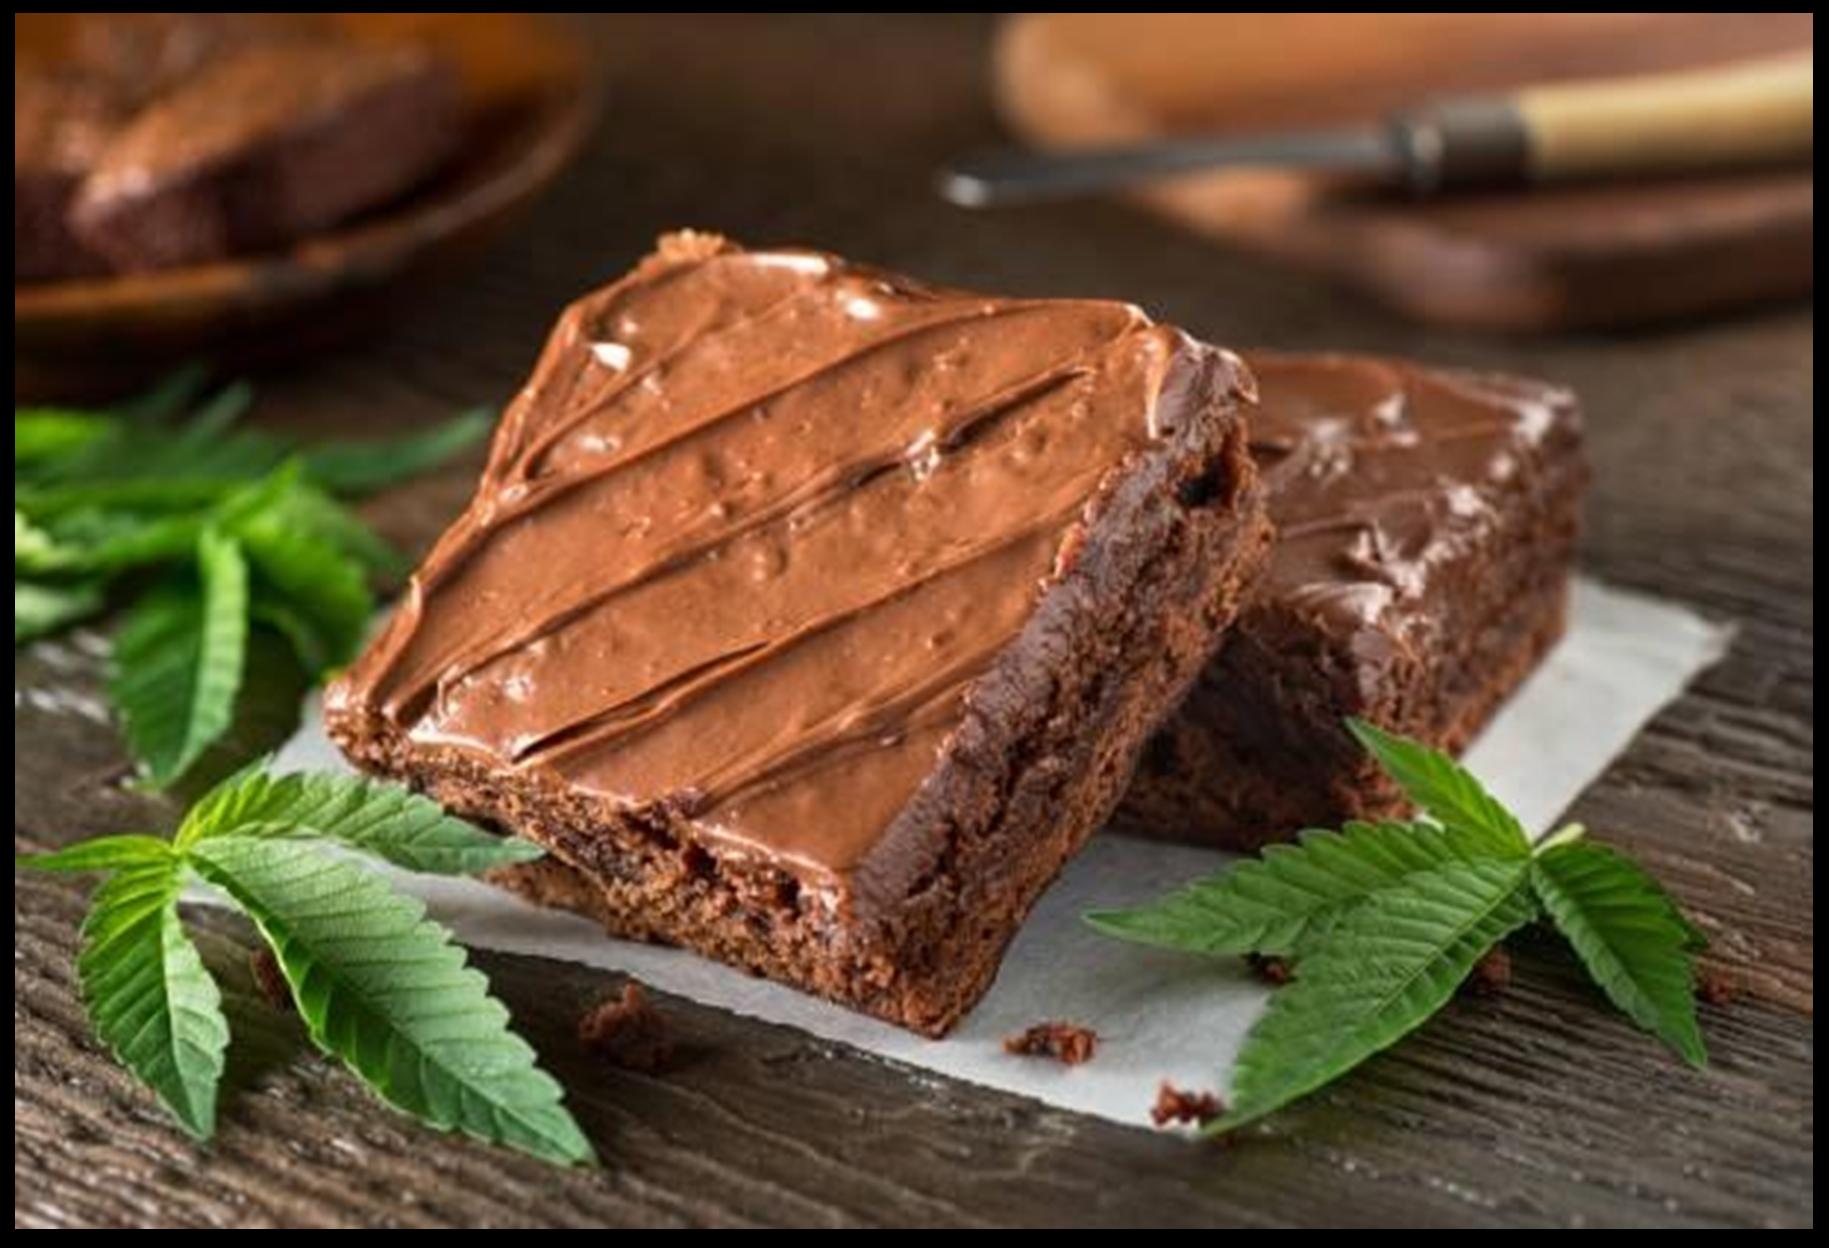 Benefits of Weed Cookies